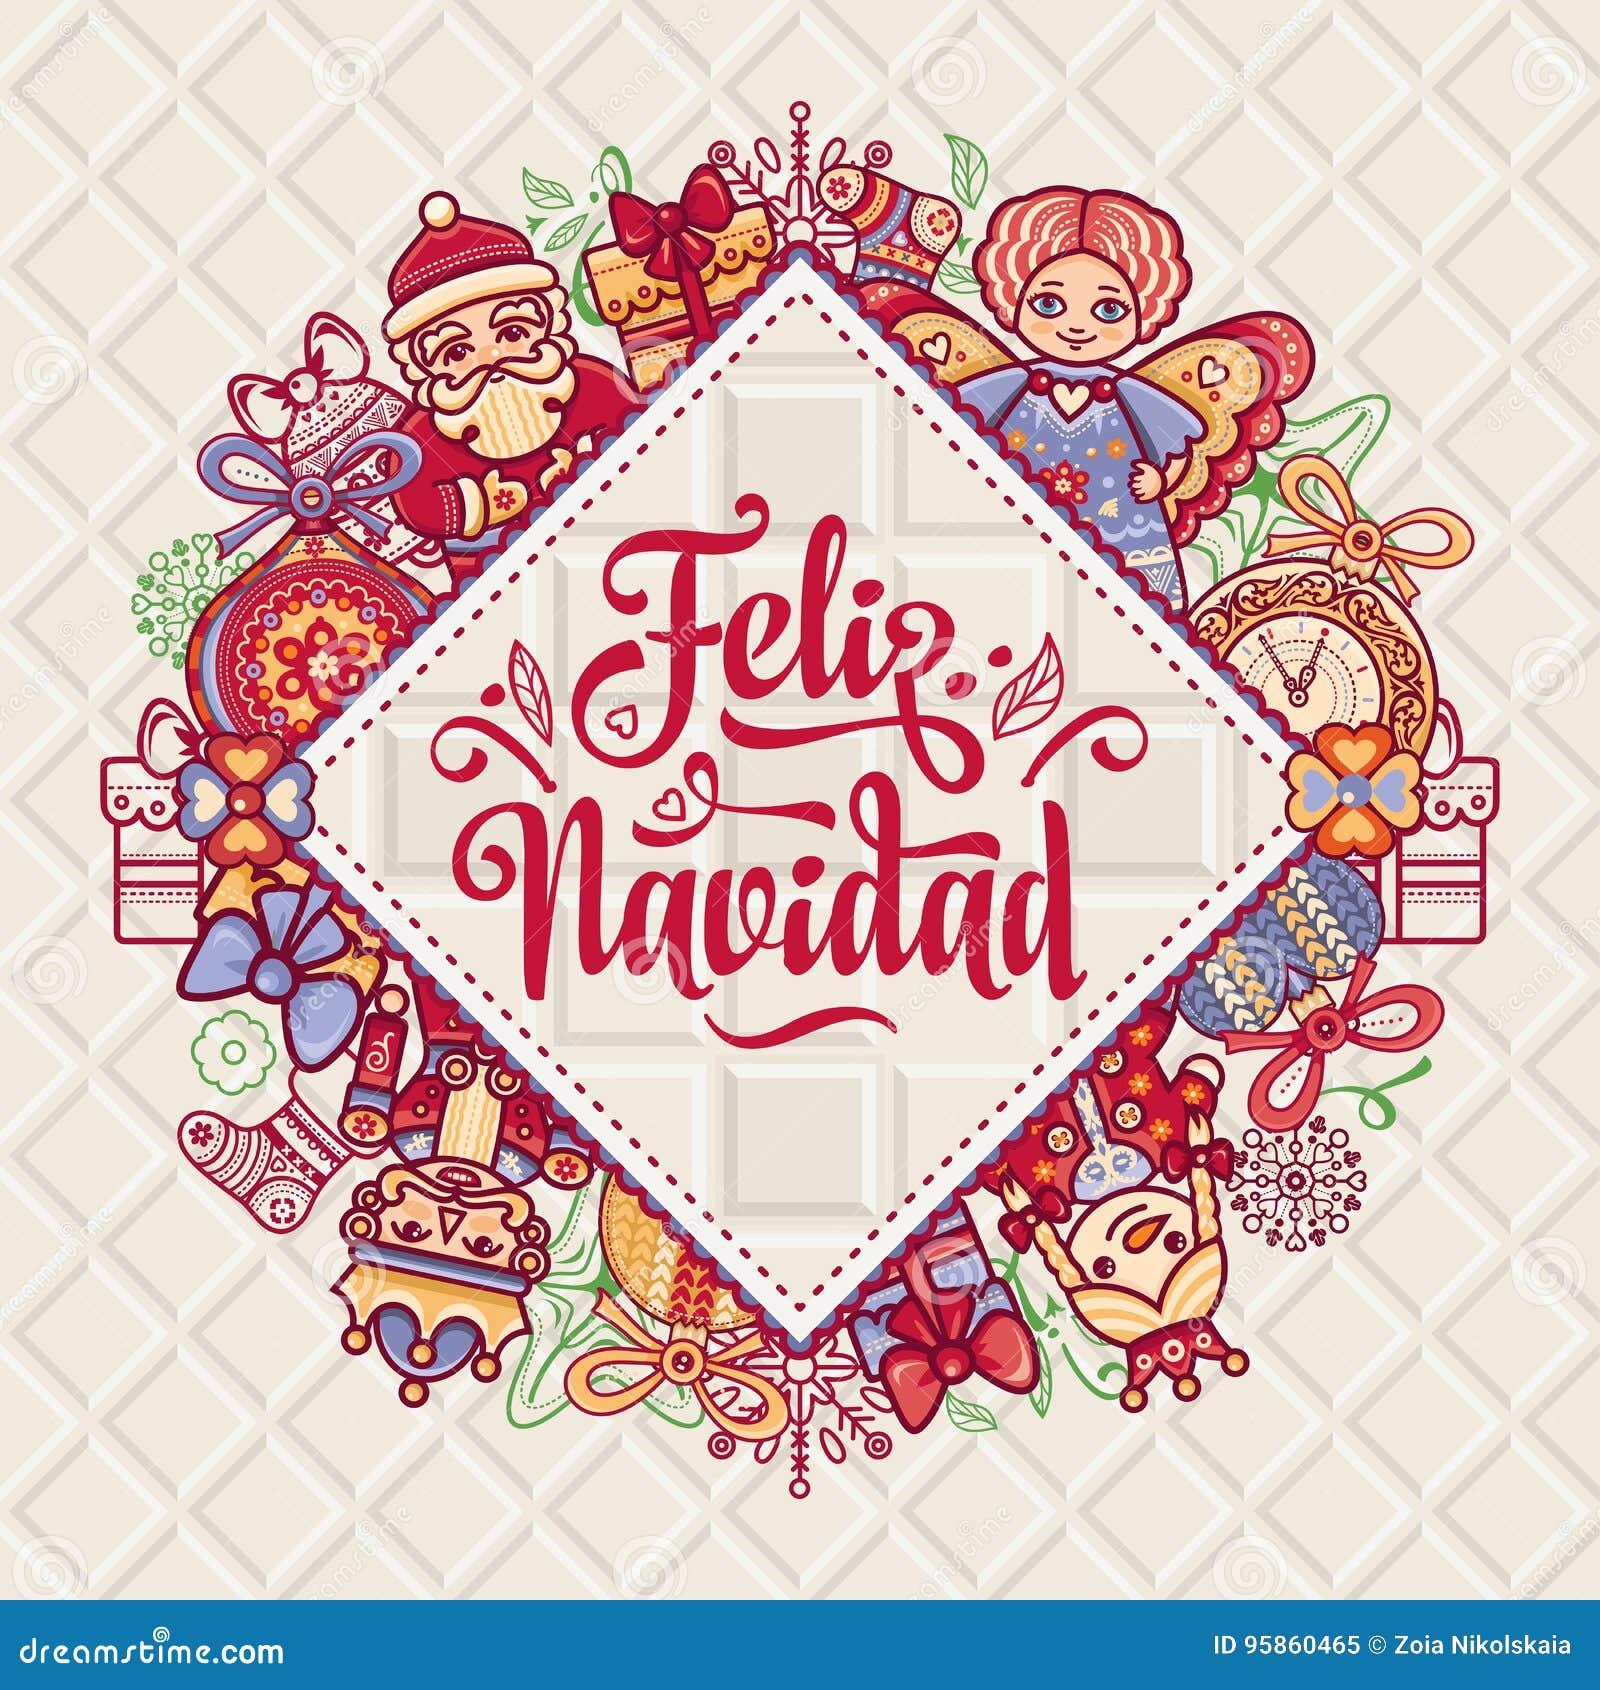 Feliz Navidad Xmas-kort på spanskt språk